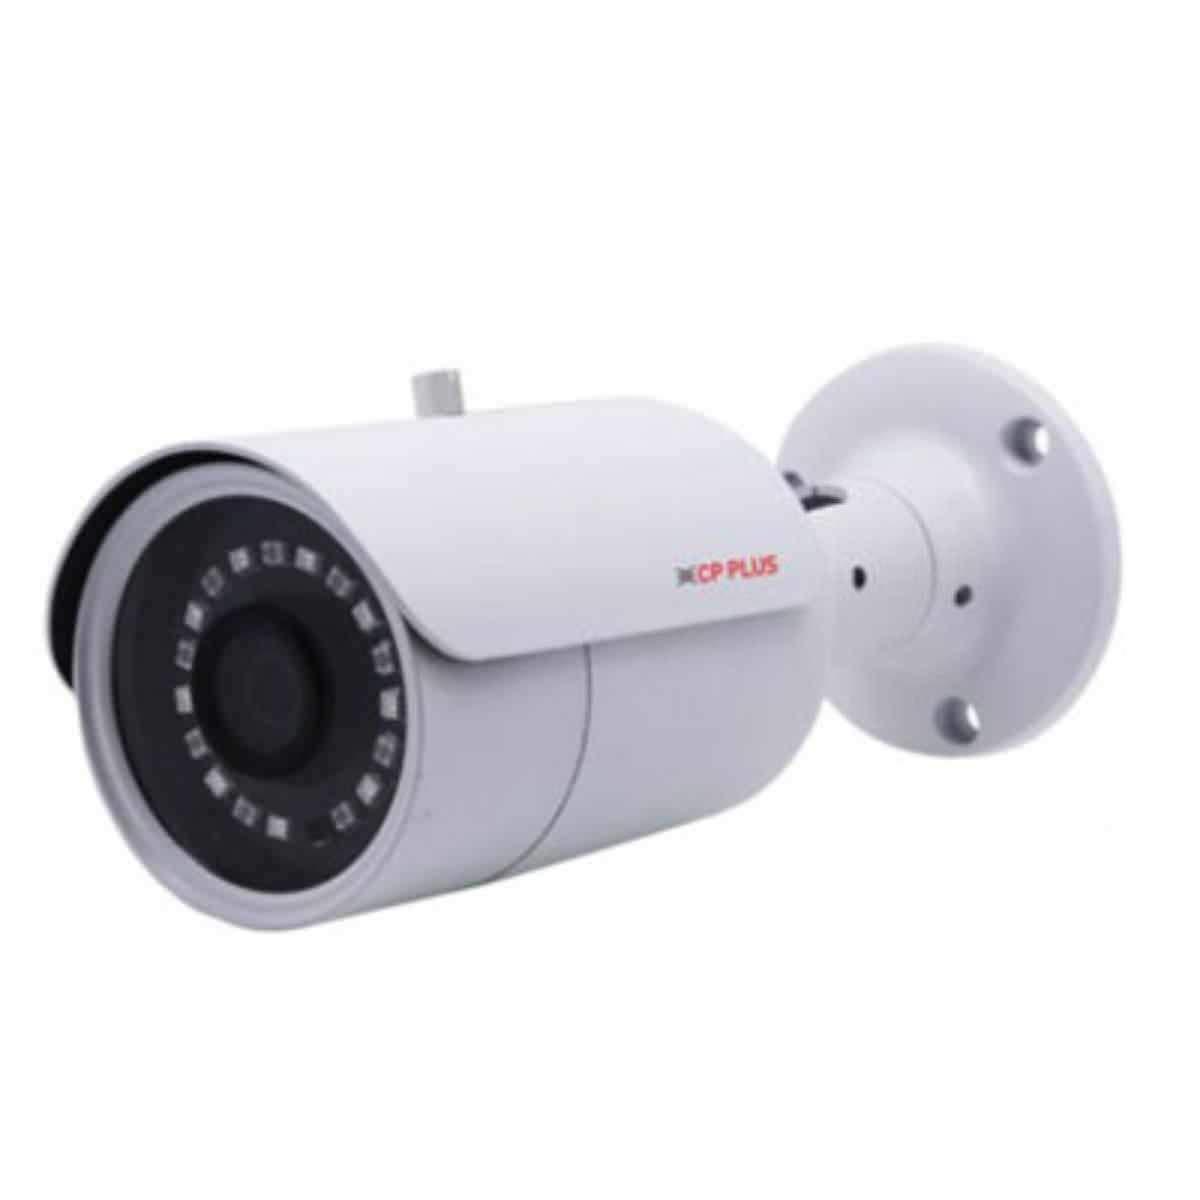 CP Plus Camera  (CP-VAC-T24L3)